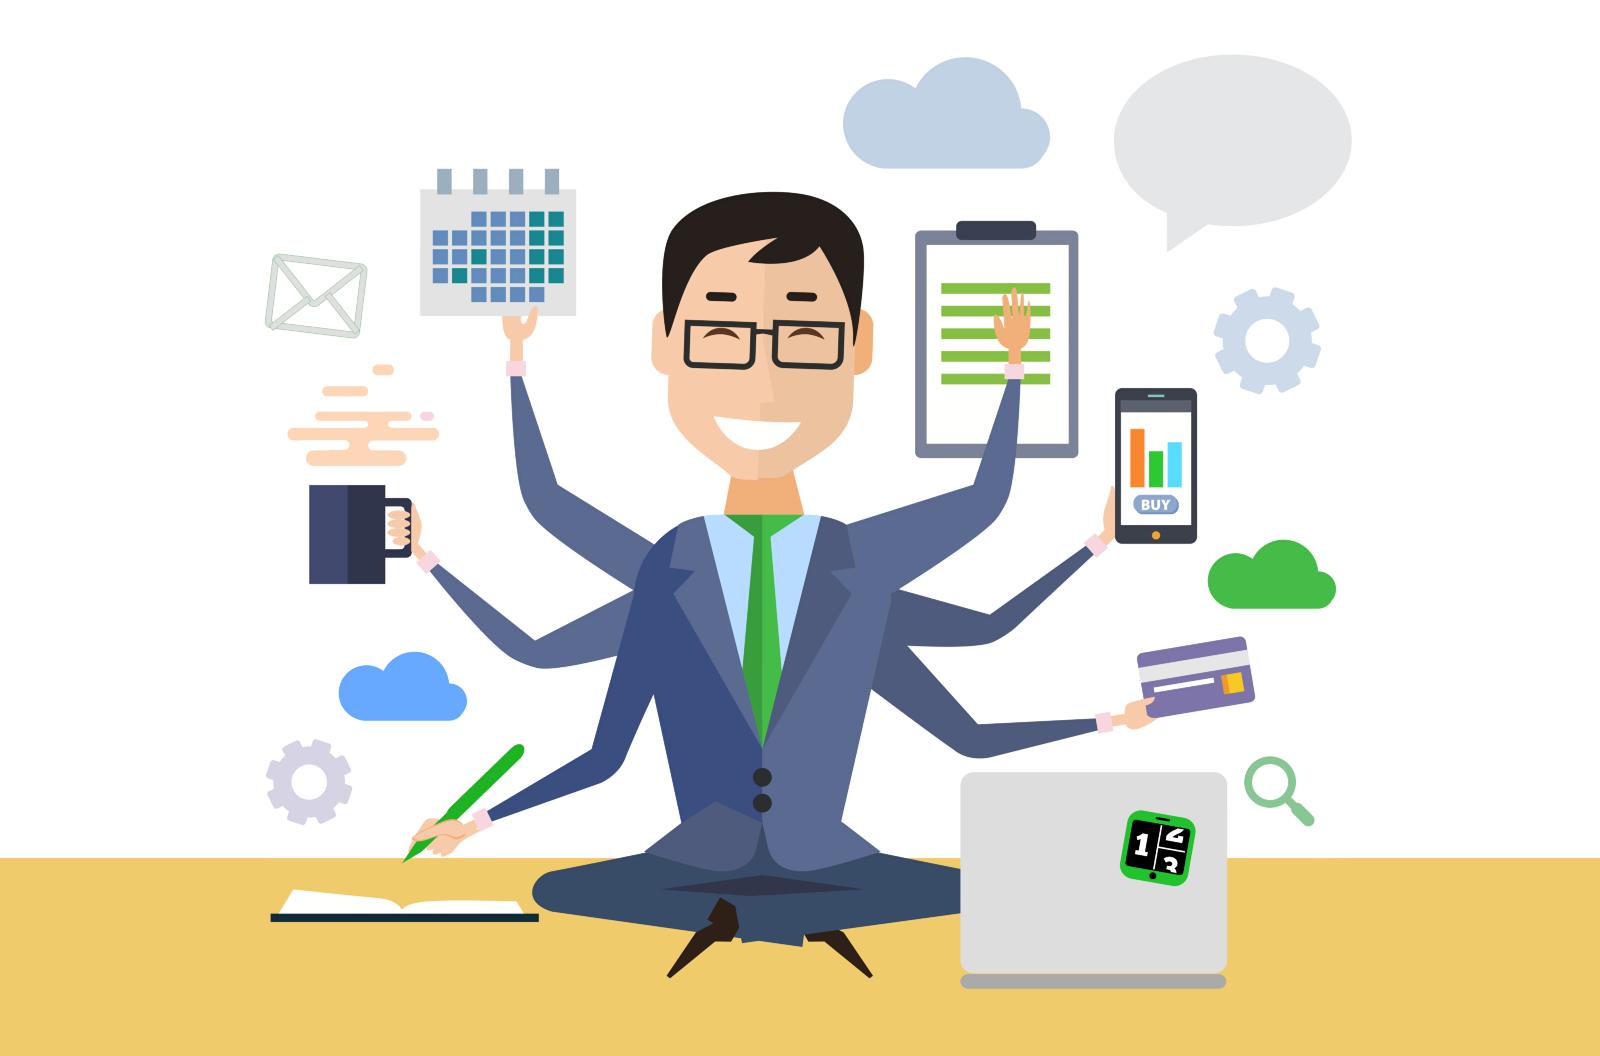 Sự cạnh tranh khi tuyển dụng nhân viên mua hàng khá cao, đòi hỏi sự khắt khe về kiến thức cũng như kỹ năng làm việc.